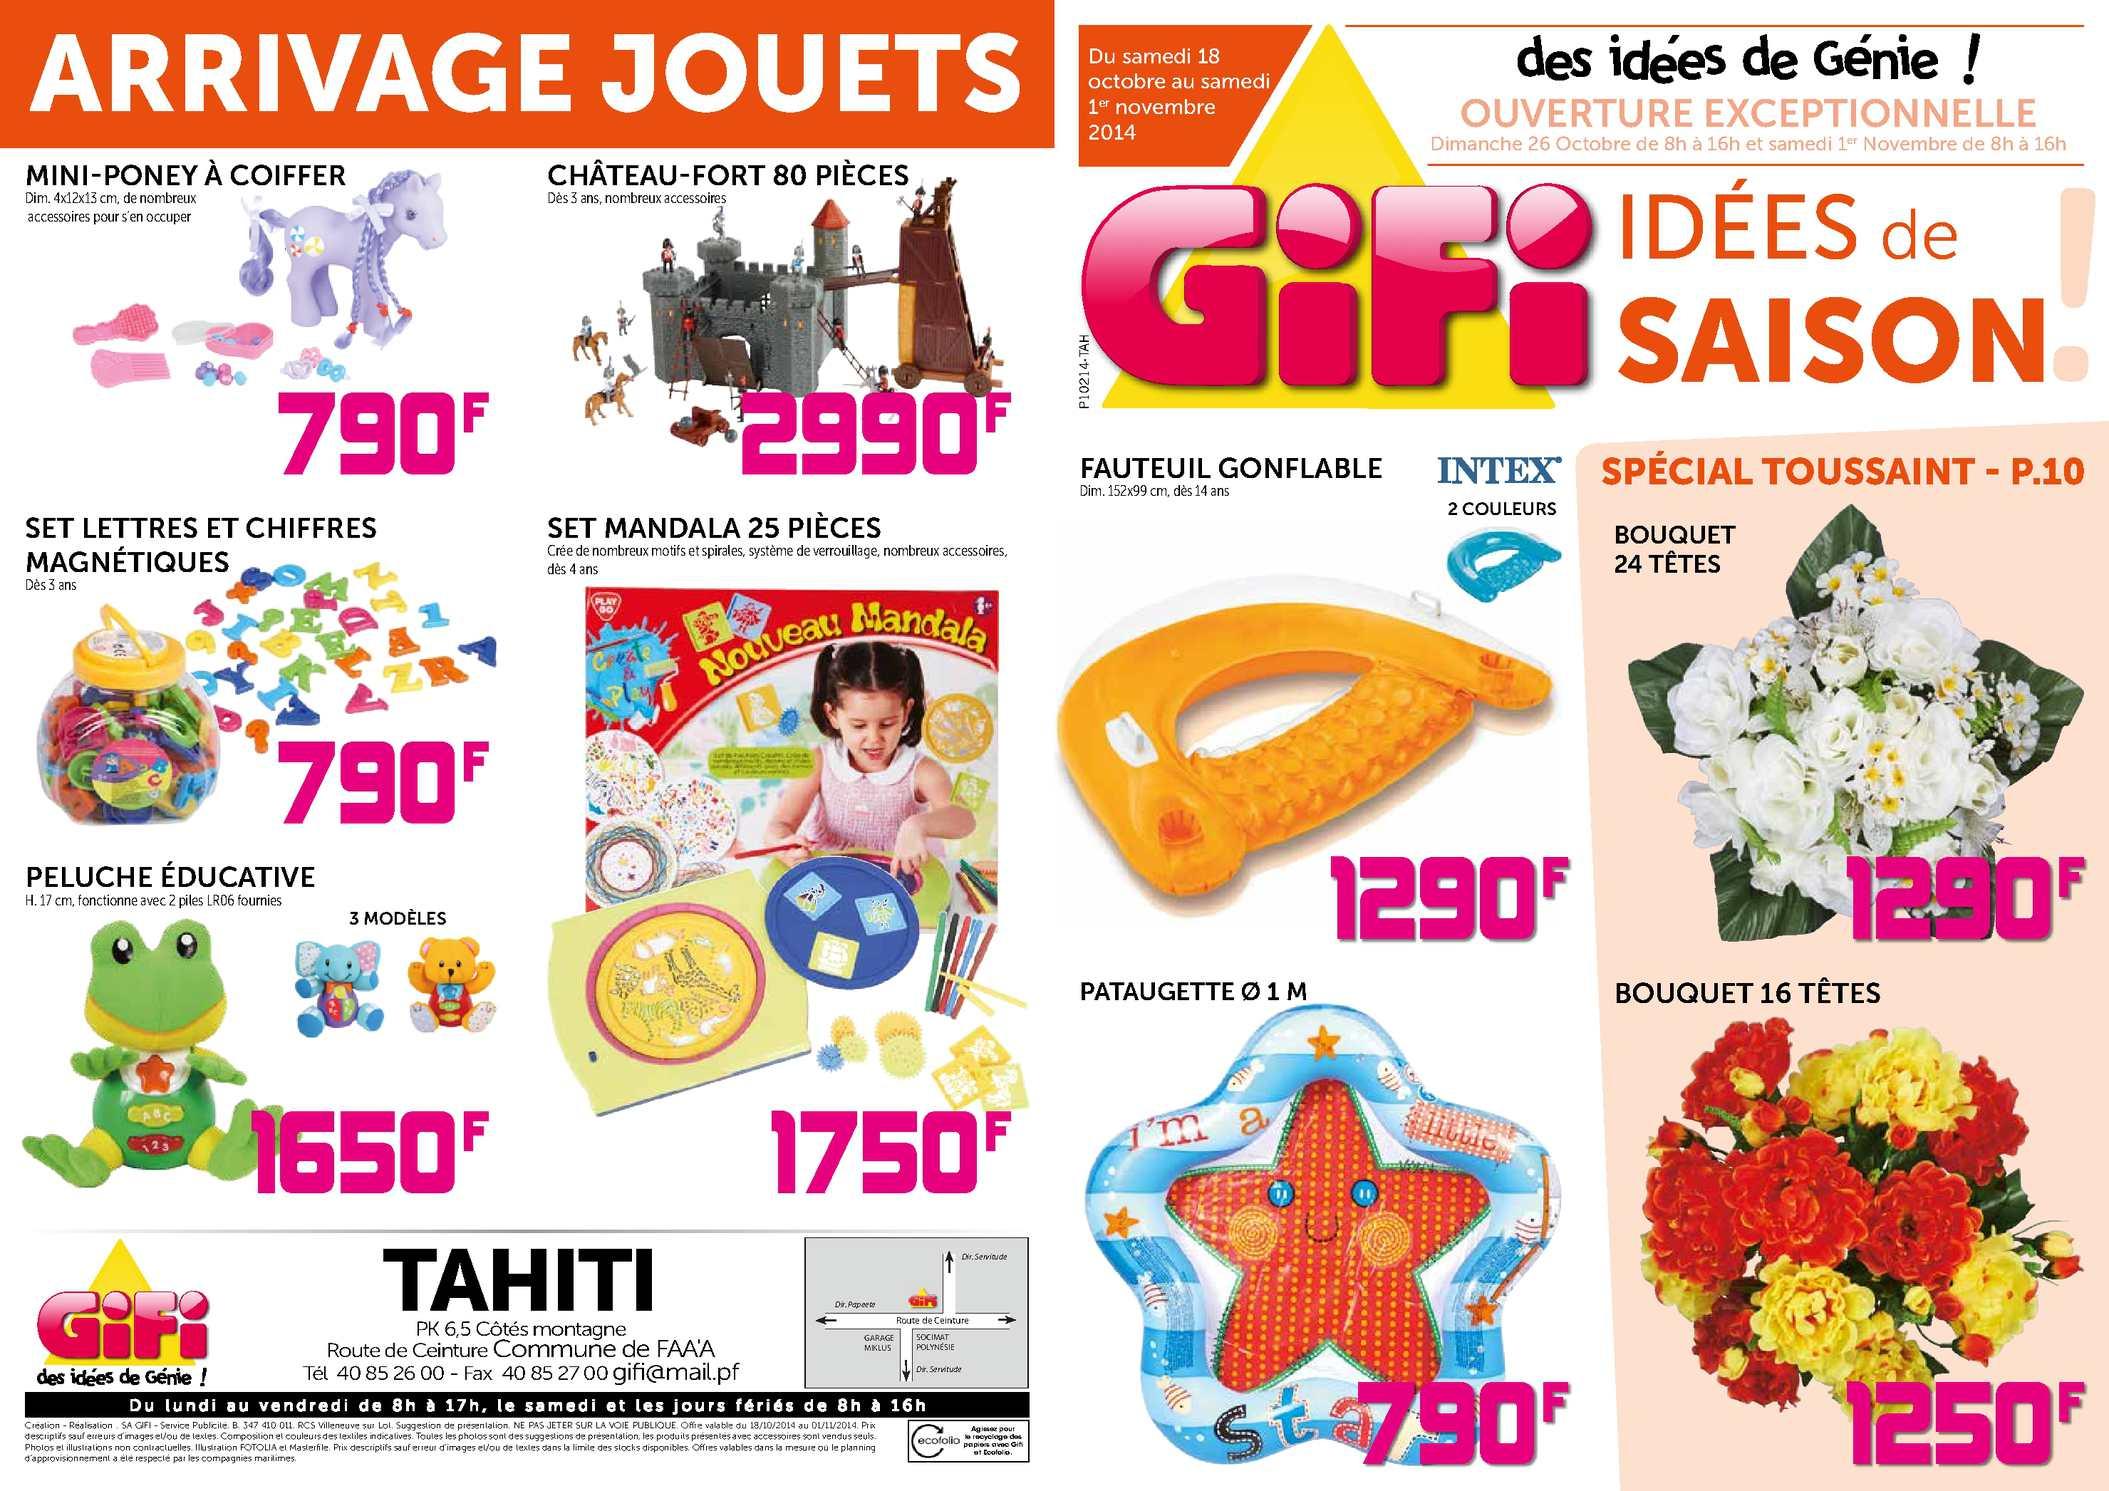 Calaméo - Catalogue Gifi Tahiti - Octobre 2014 dedans Piscine A Balle Gifi